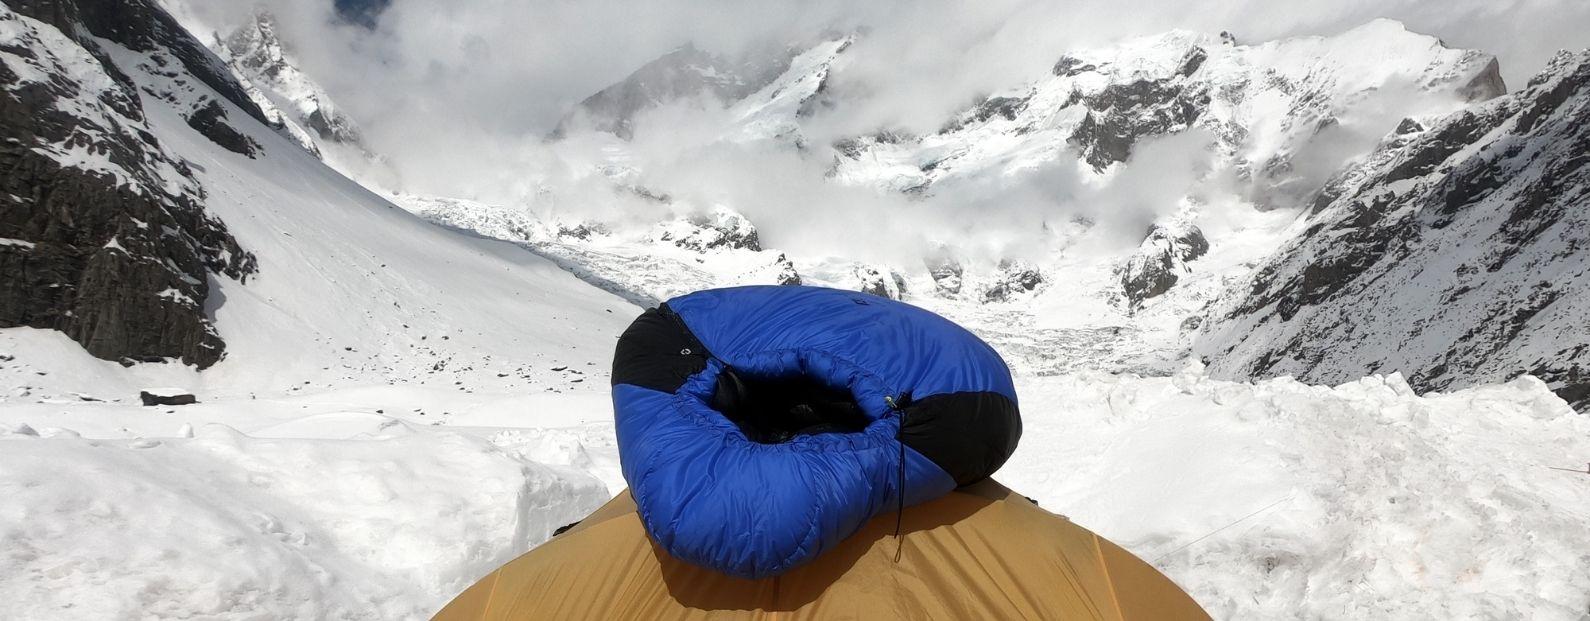 Notre nouveau sac de couchage Excusitic 1500 testé au Karakoram